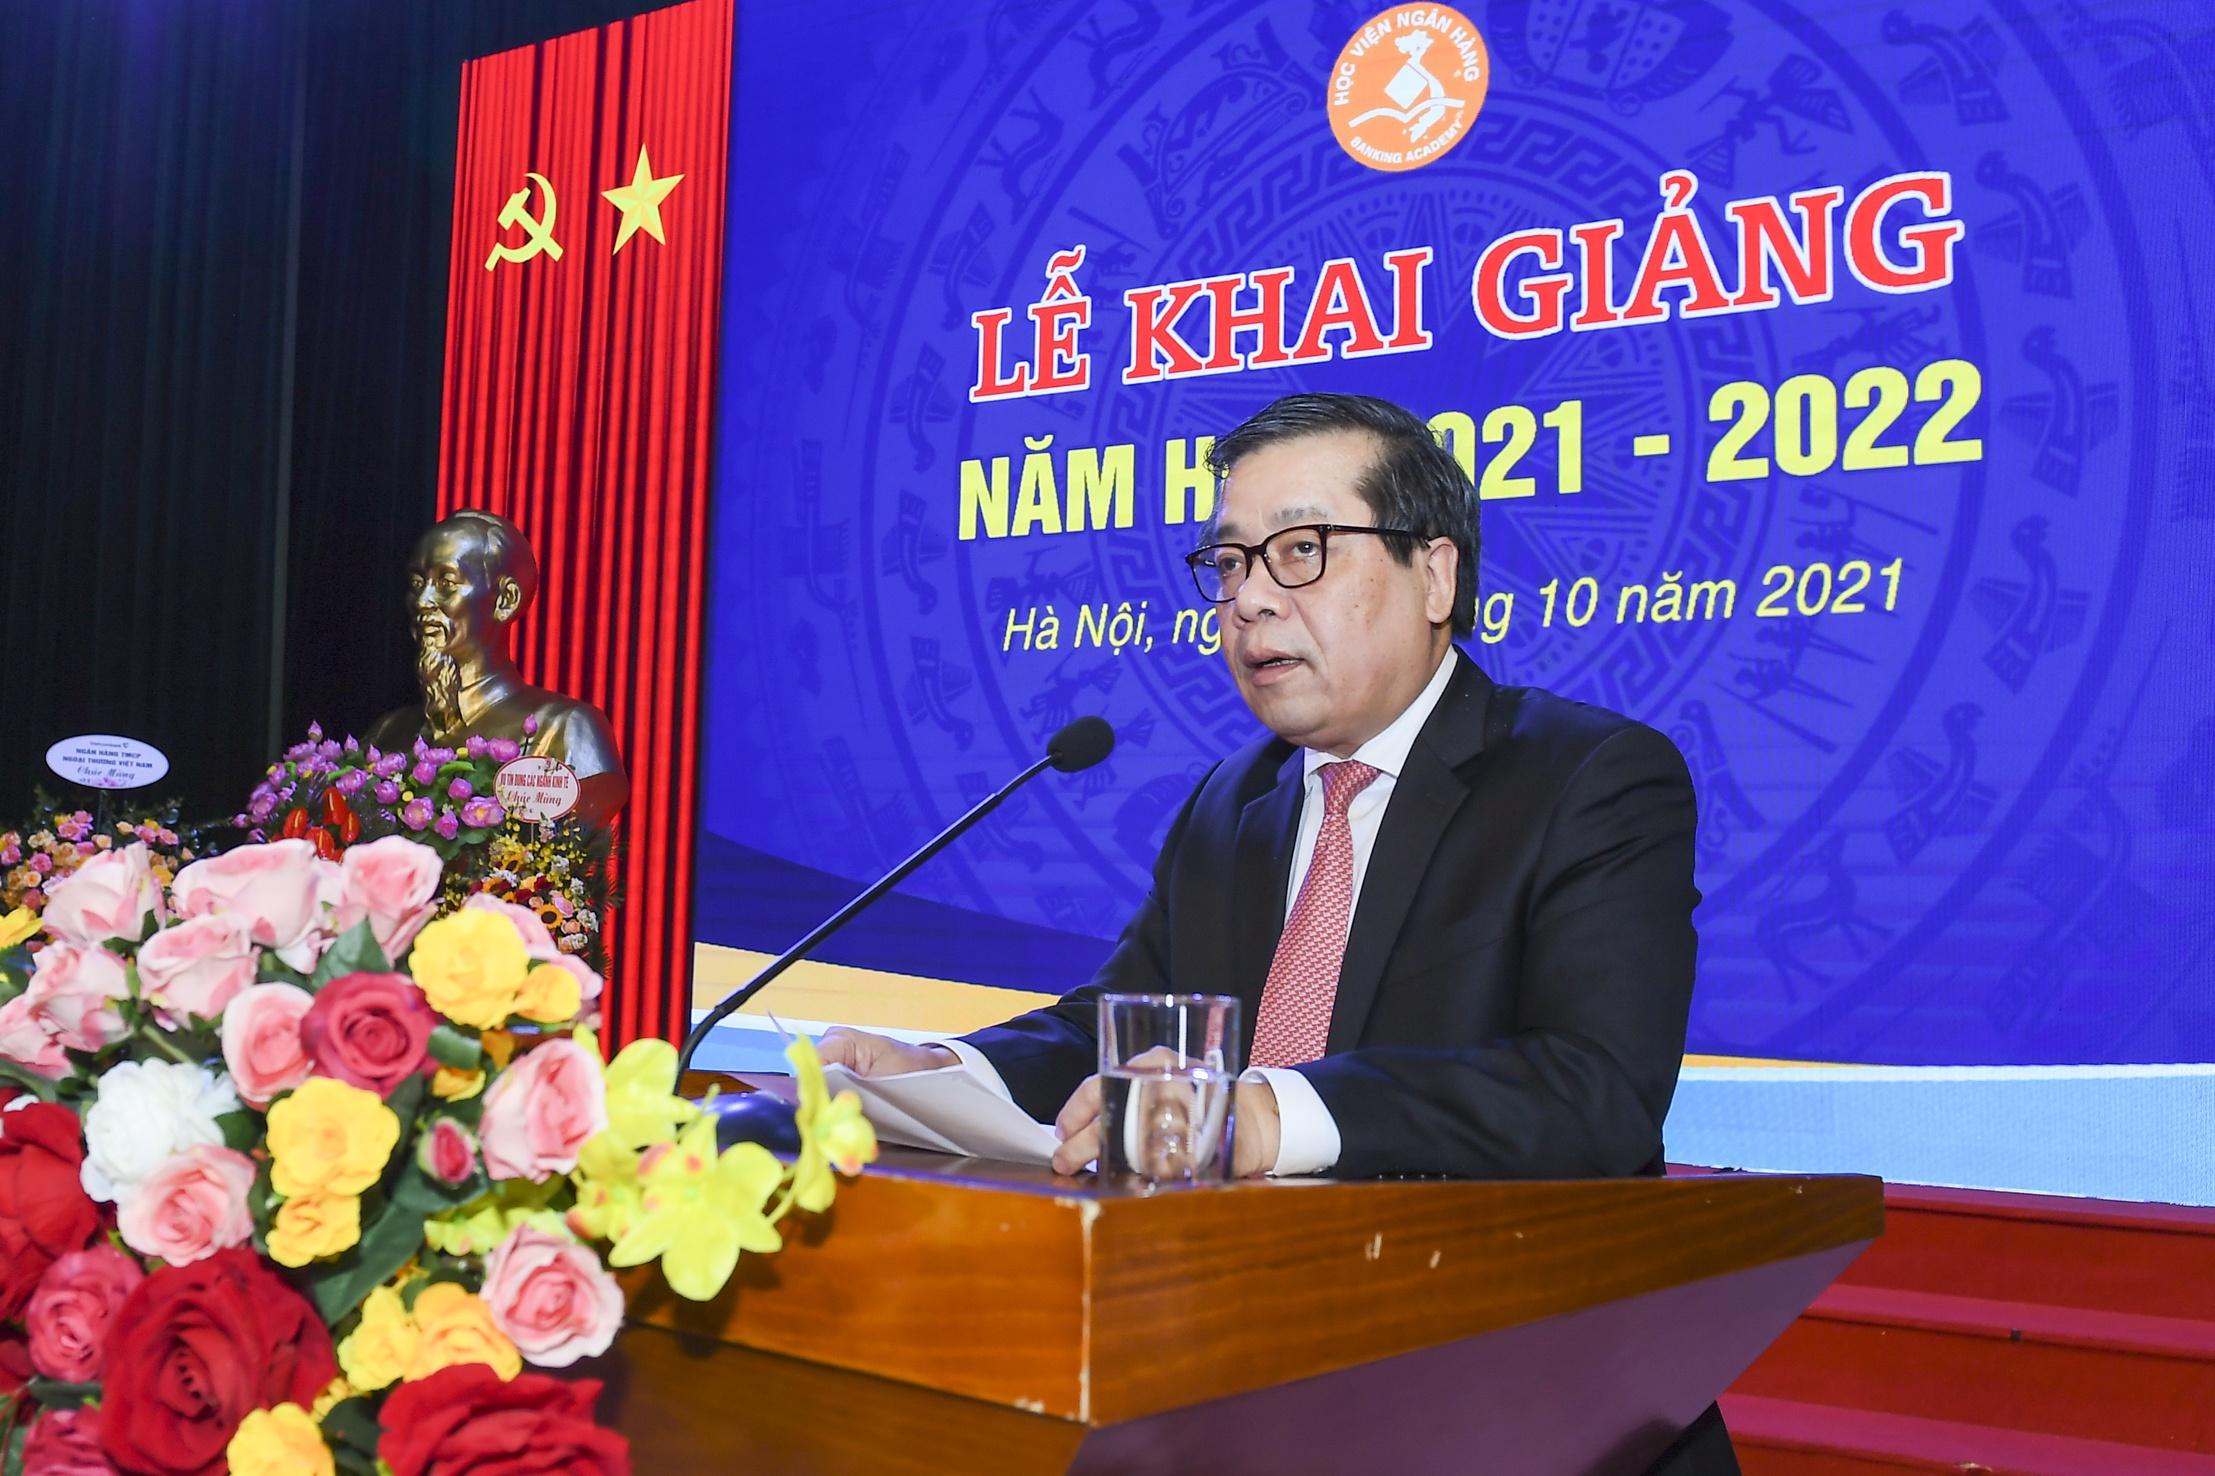 hoc vien ngan hang uu tien chuyen doi so nang cao chat luong dao tao nam hoc 2021 2022